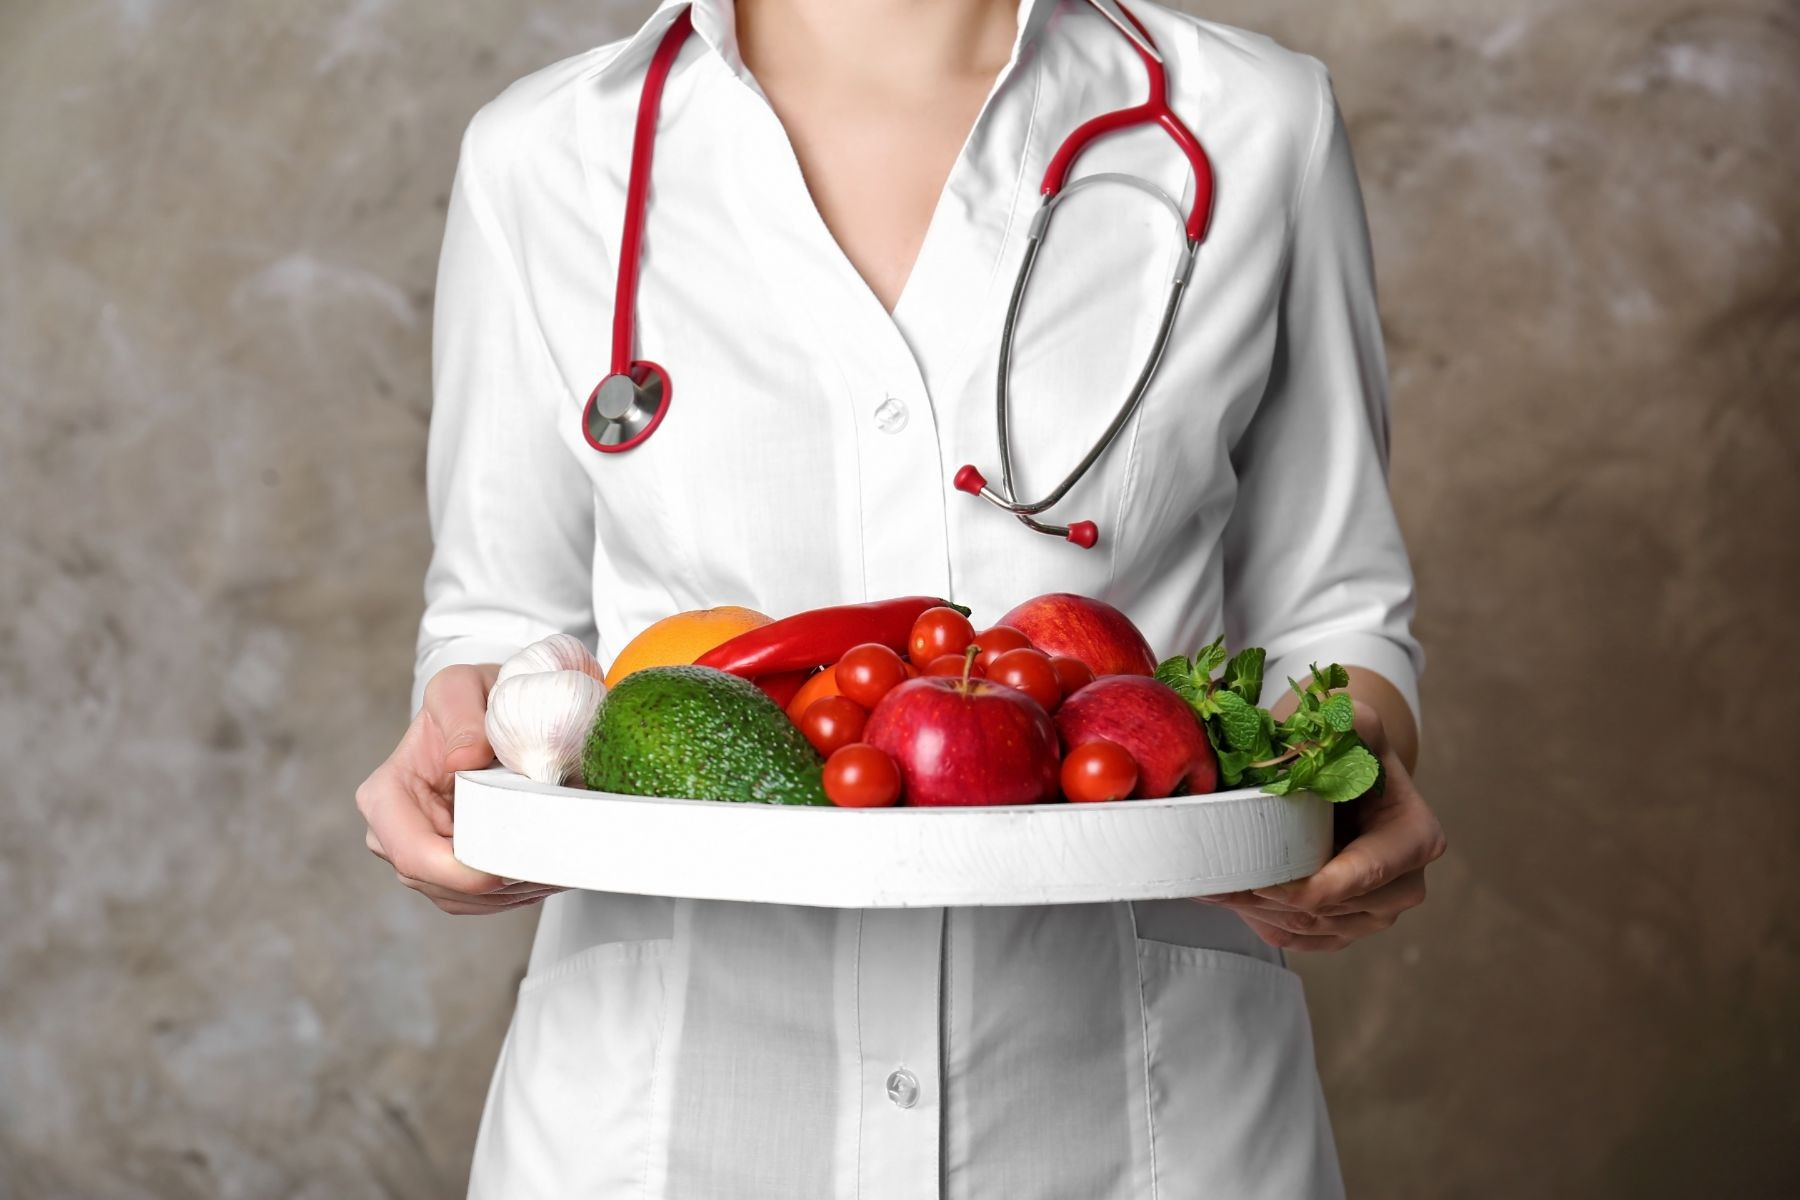 médica sosteniendo alimentos saludables